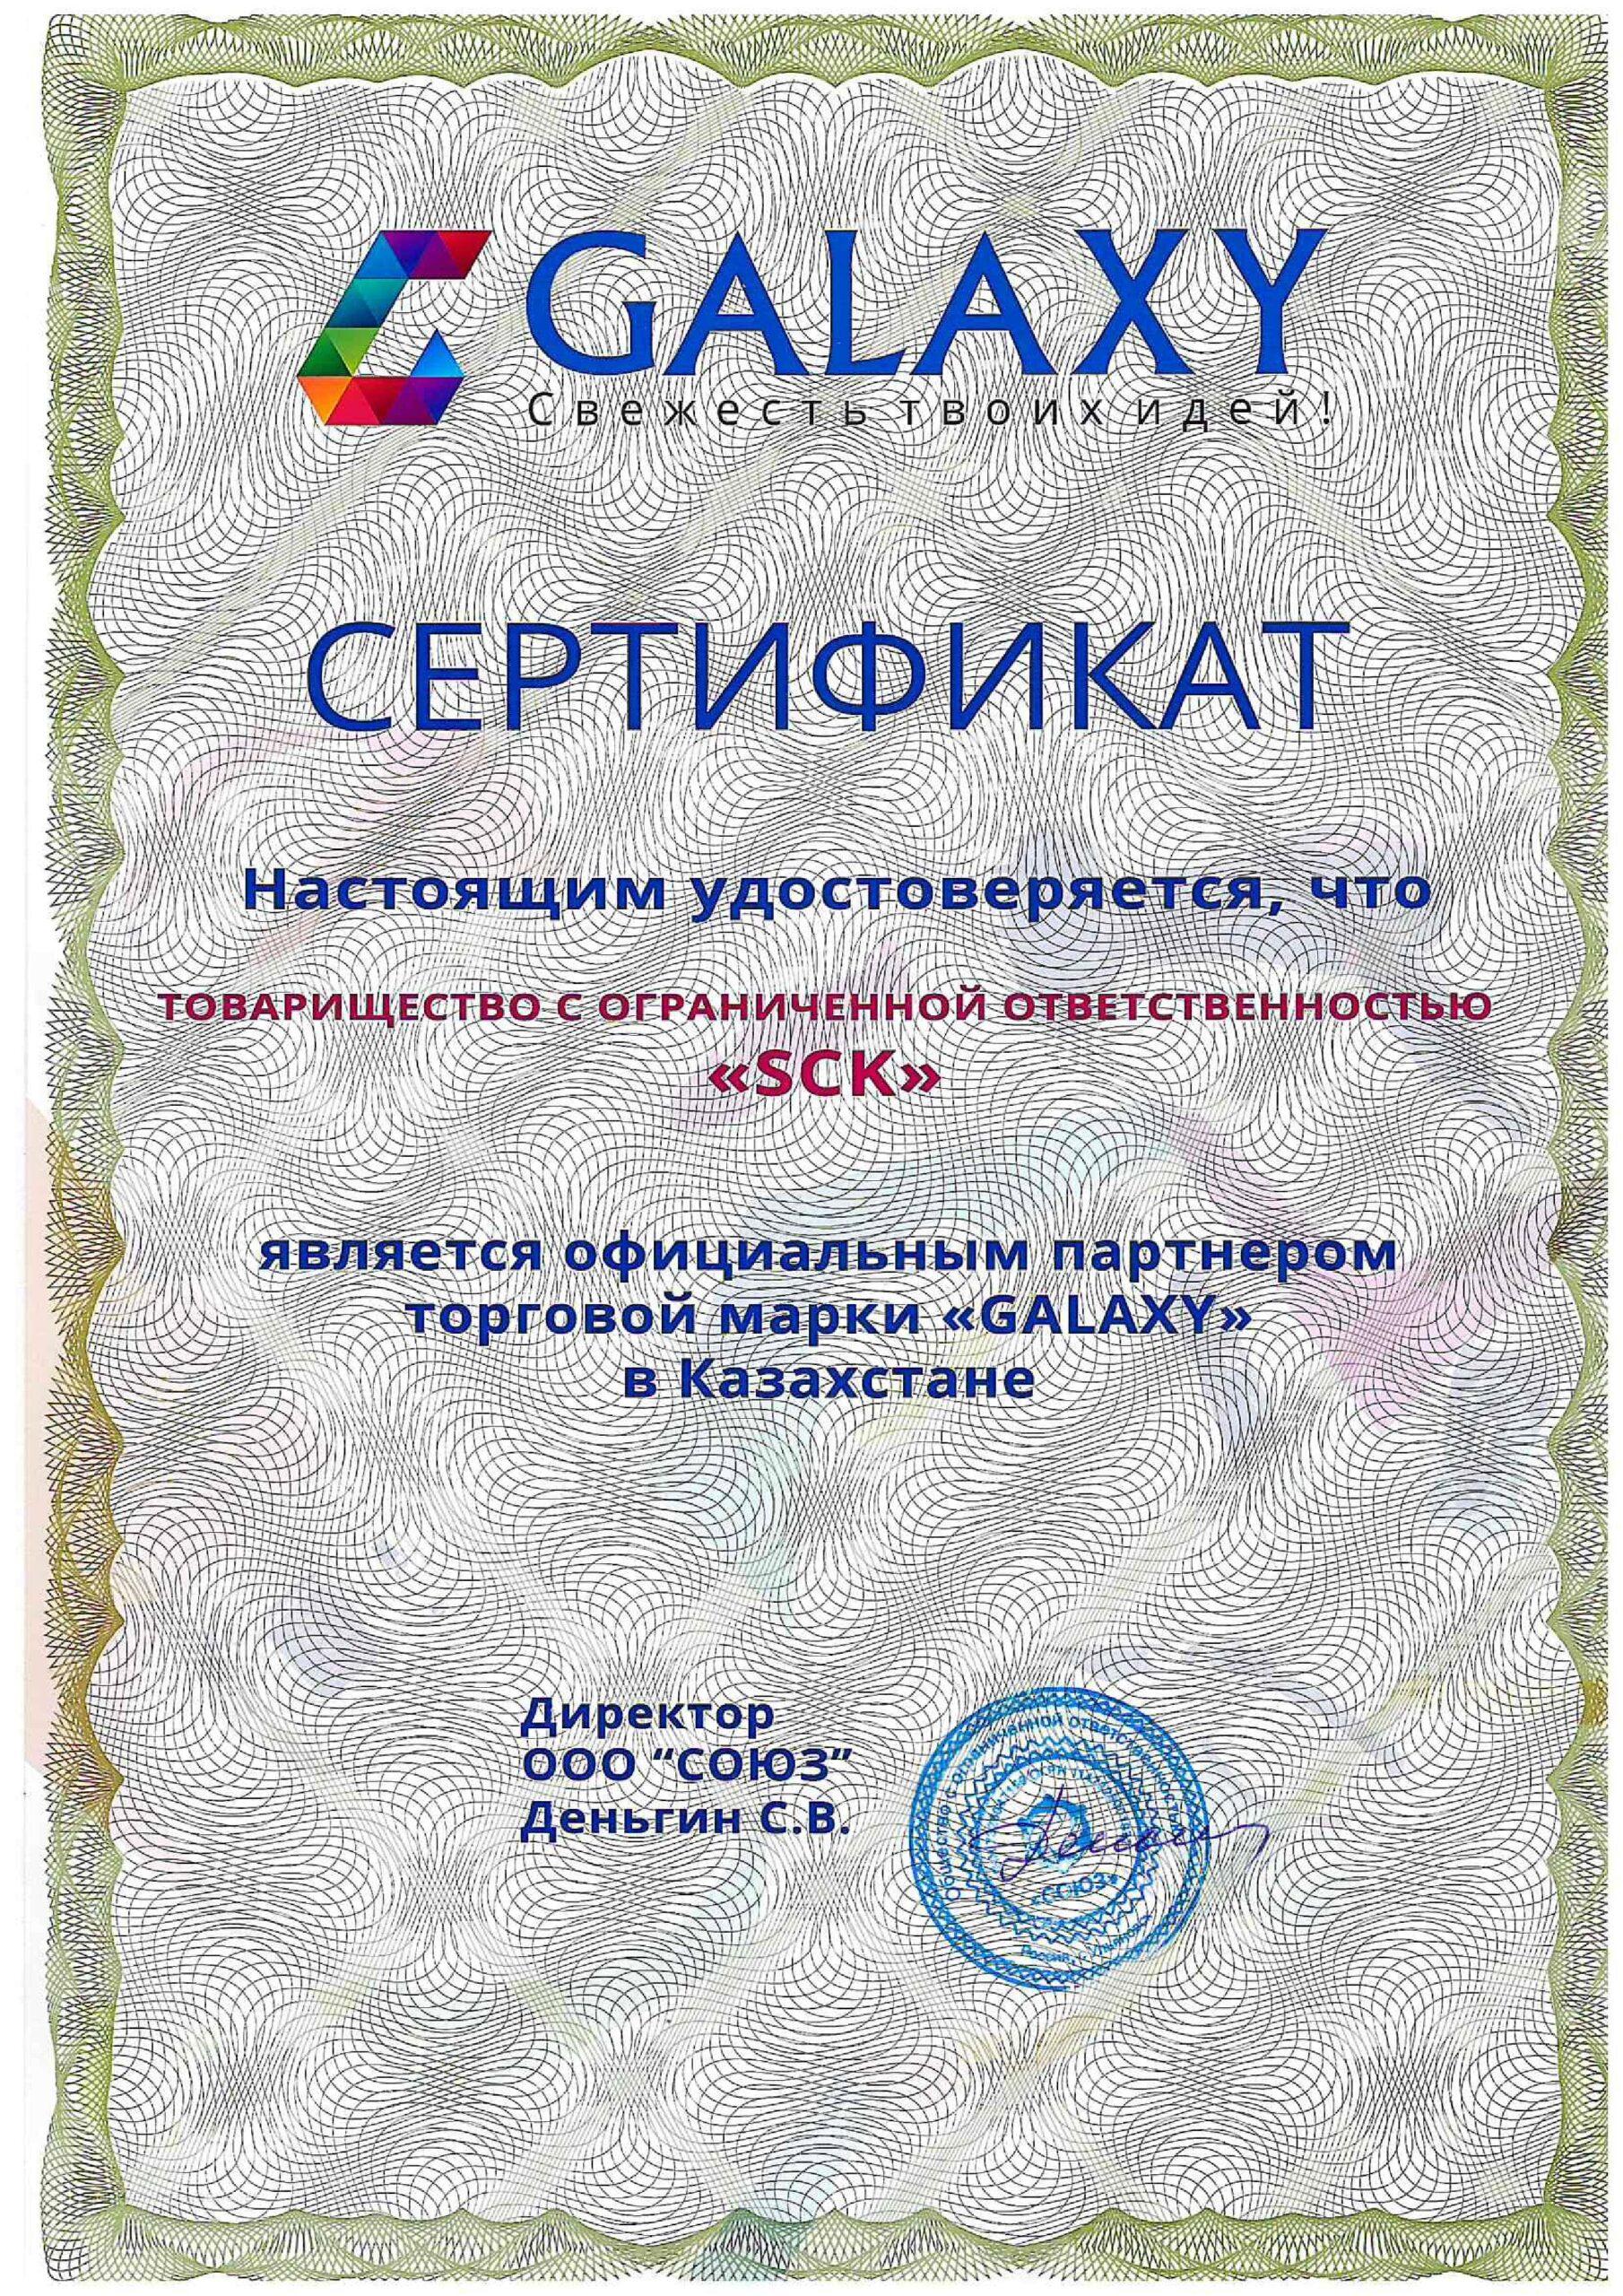 SCK сертификат дилера Galaxy